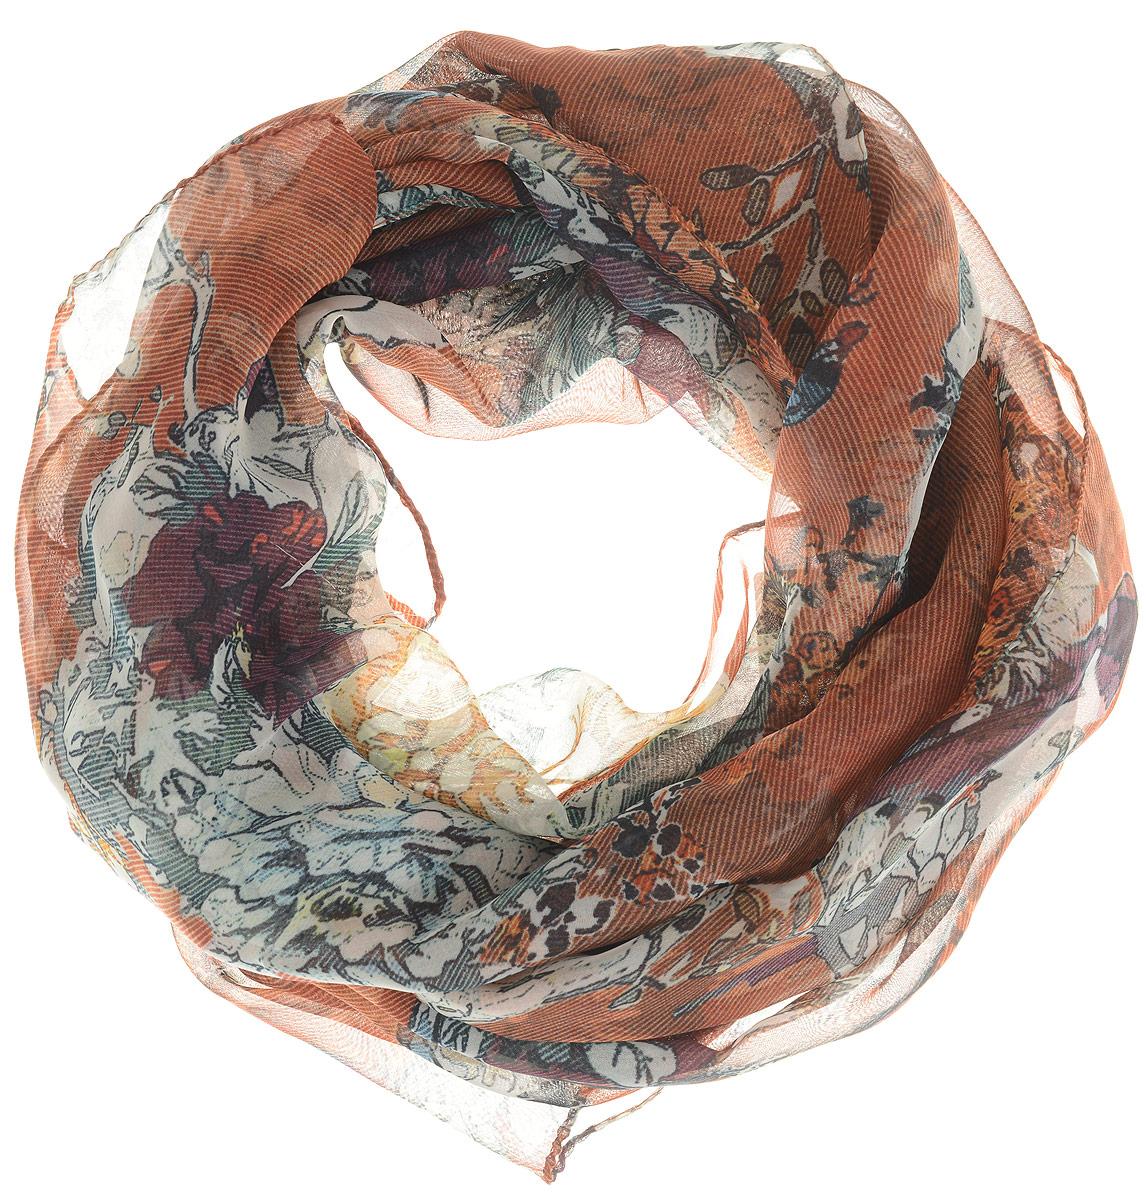 Шарф женский Ethnica, цвет: терракотовый, серый. 262040. Размер 50 см х 170 см262040Стильный шарф привлекательной расцветки изготовлен из 100% вискозы. Он удачно дополнит ваш гардероб и поможет создать новый повседневный образ, добавить в него яркие краски. Отличный вариант для тех, кто стремится к самовыражению и новизне!